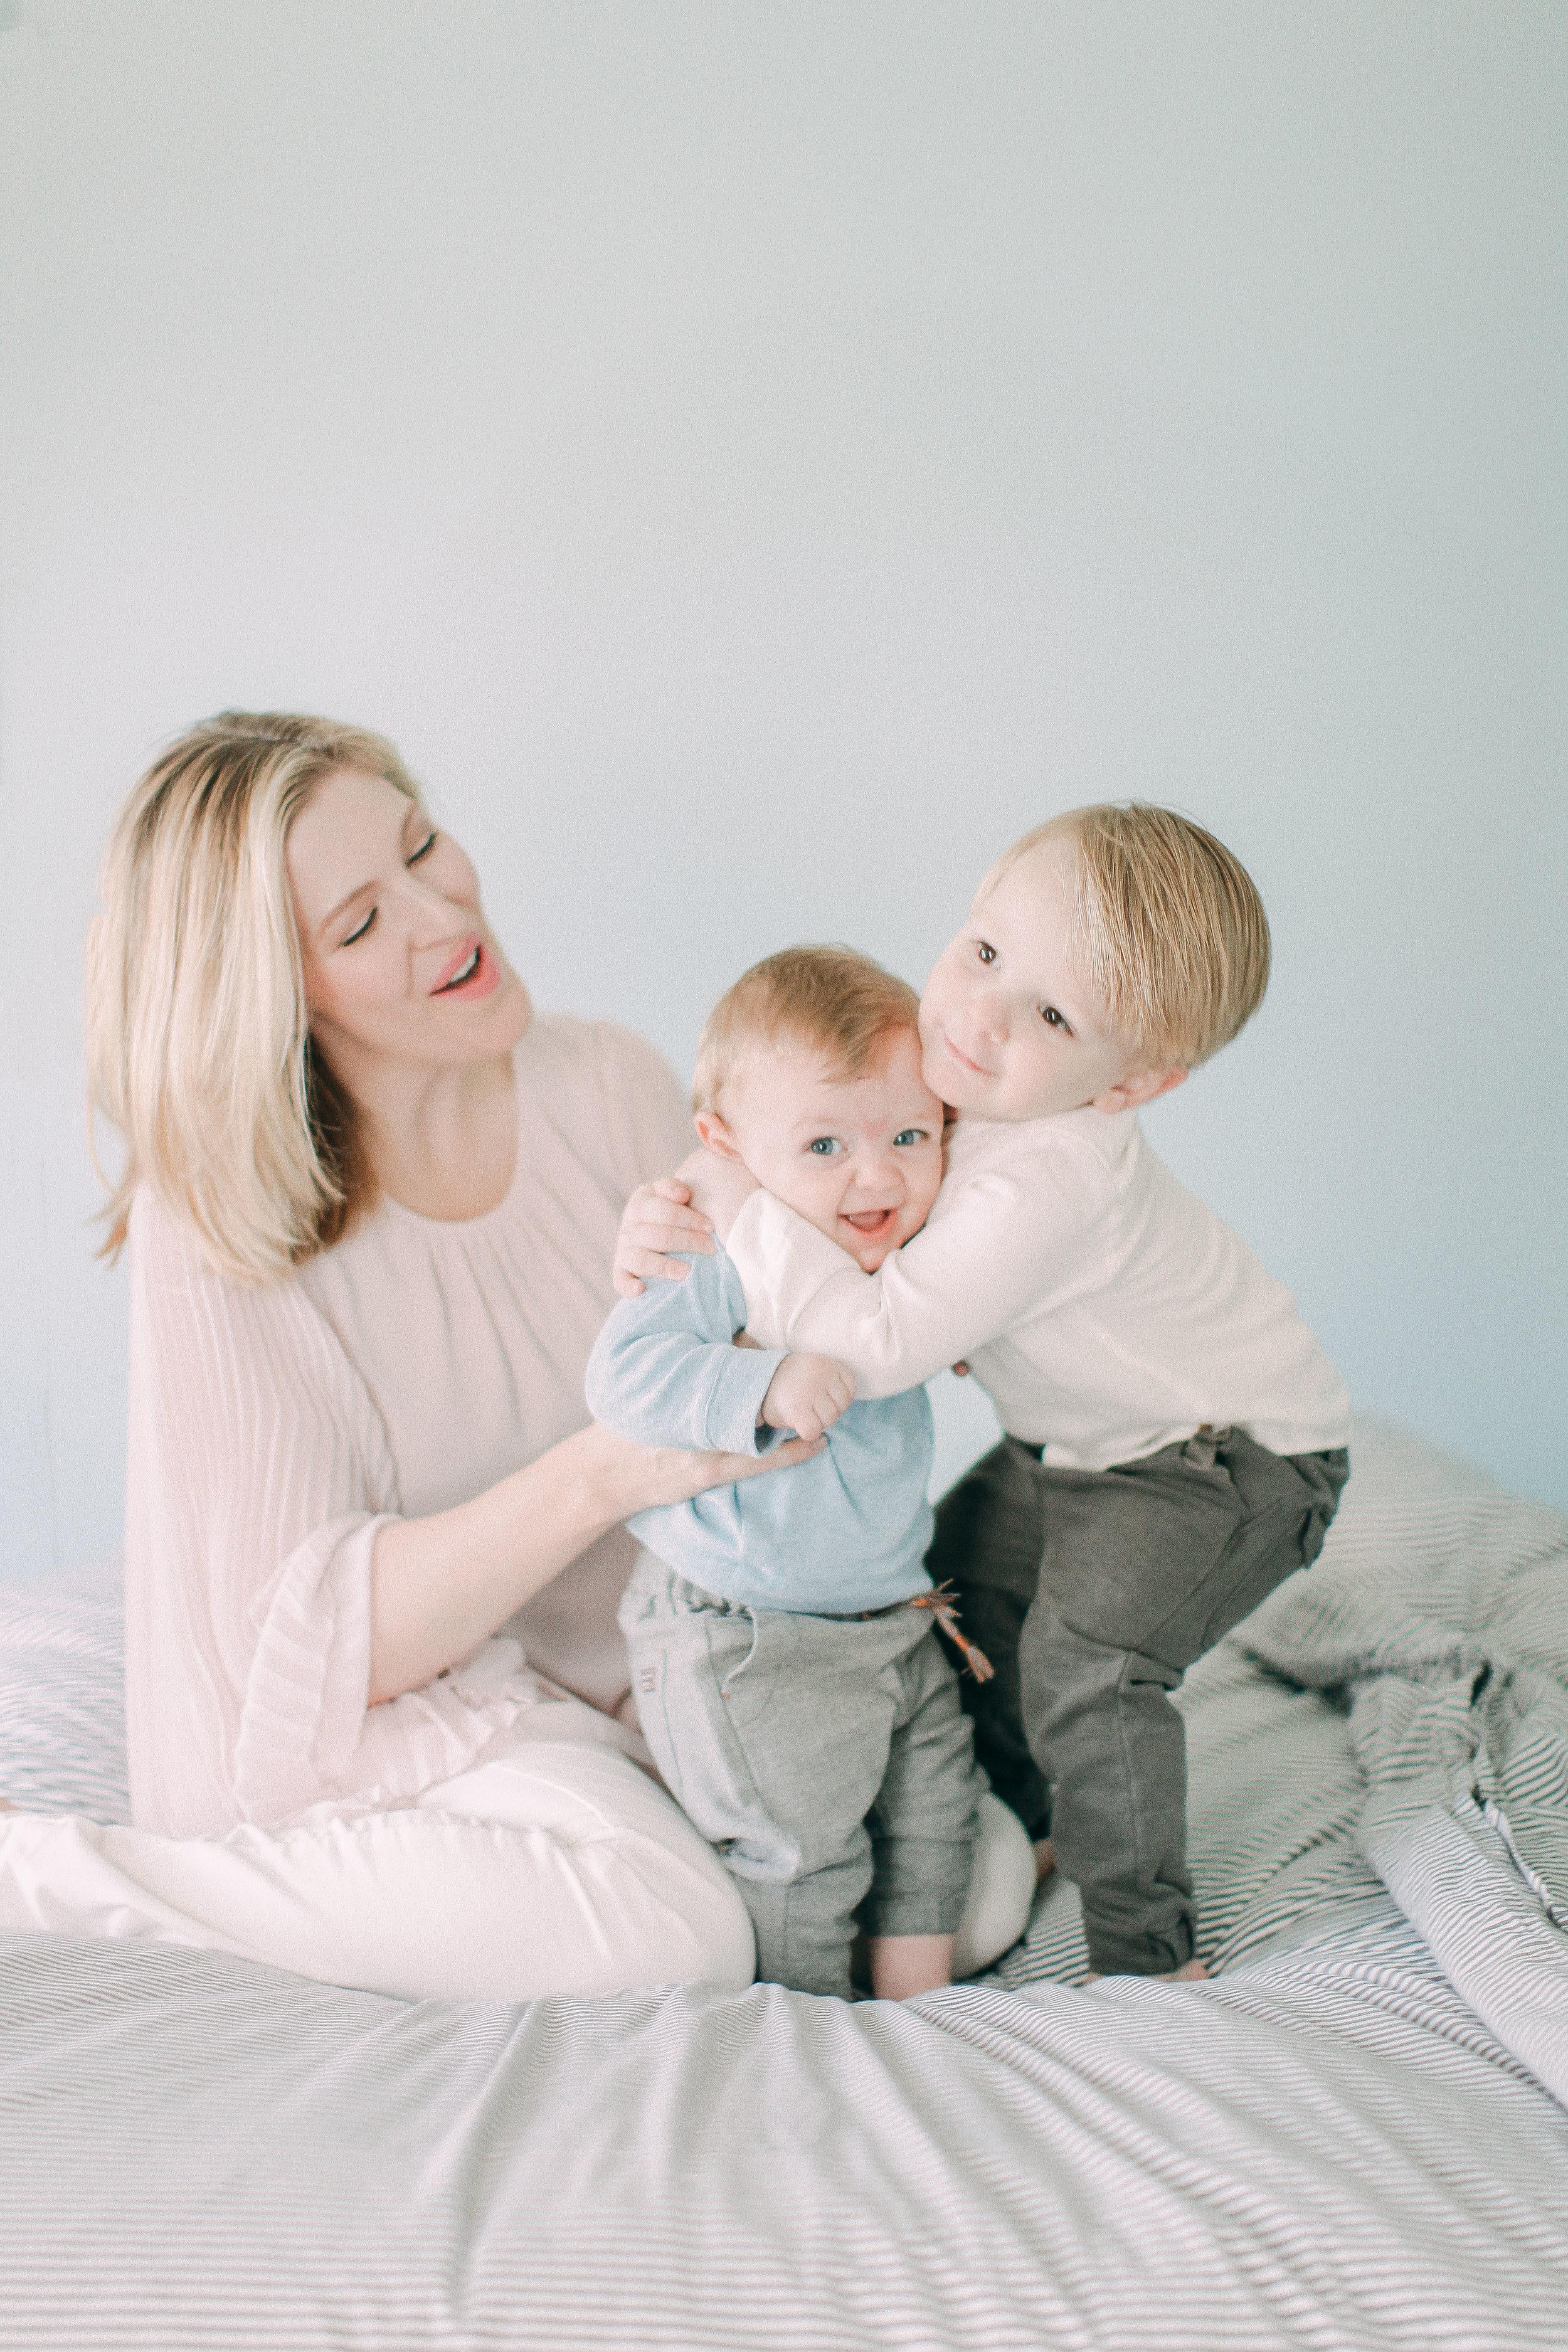 Cori Kleckner Photography- Flewellen Family Session 1-177.JPG